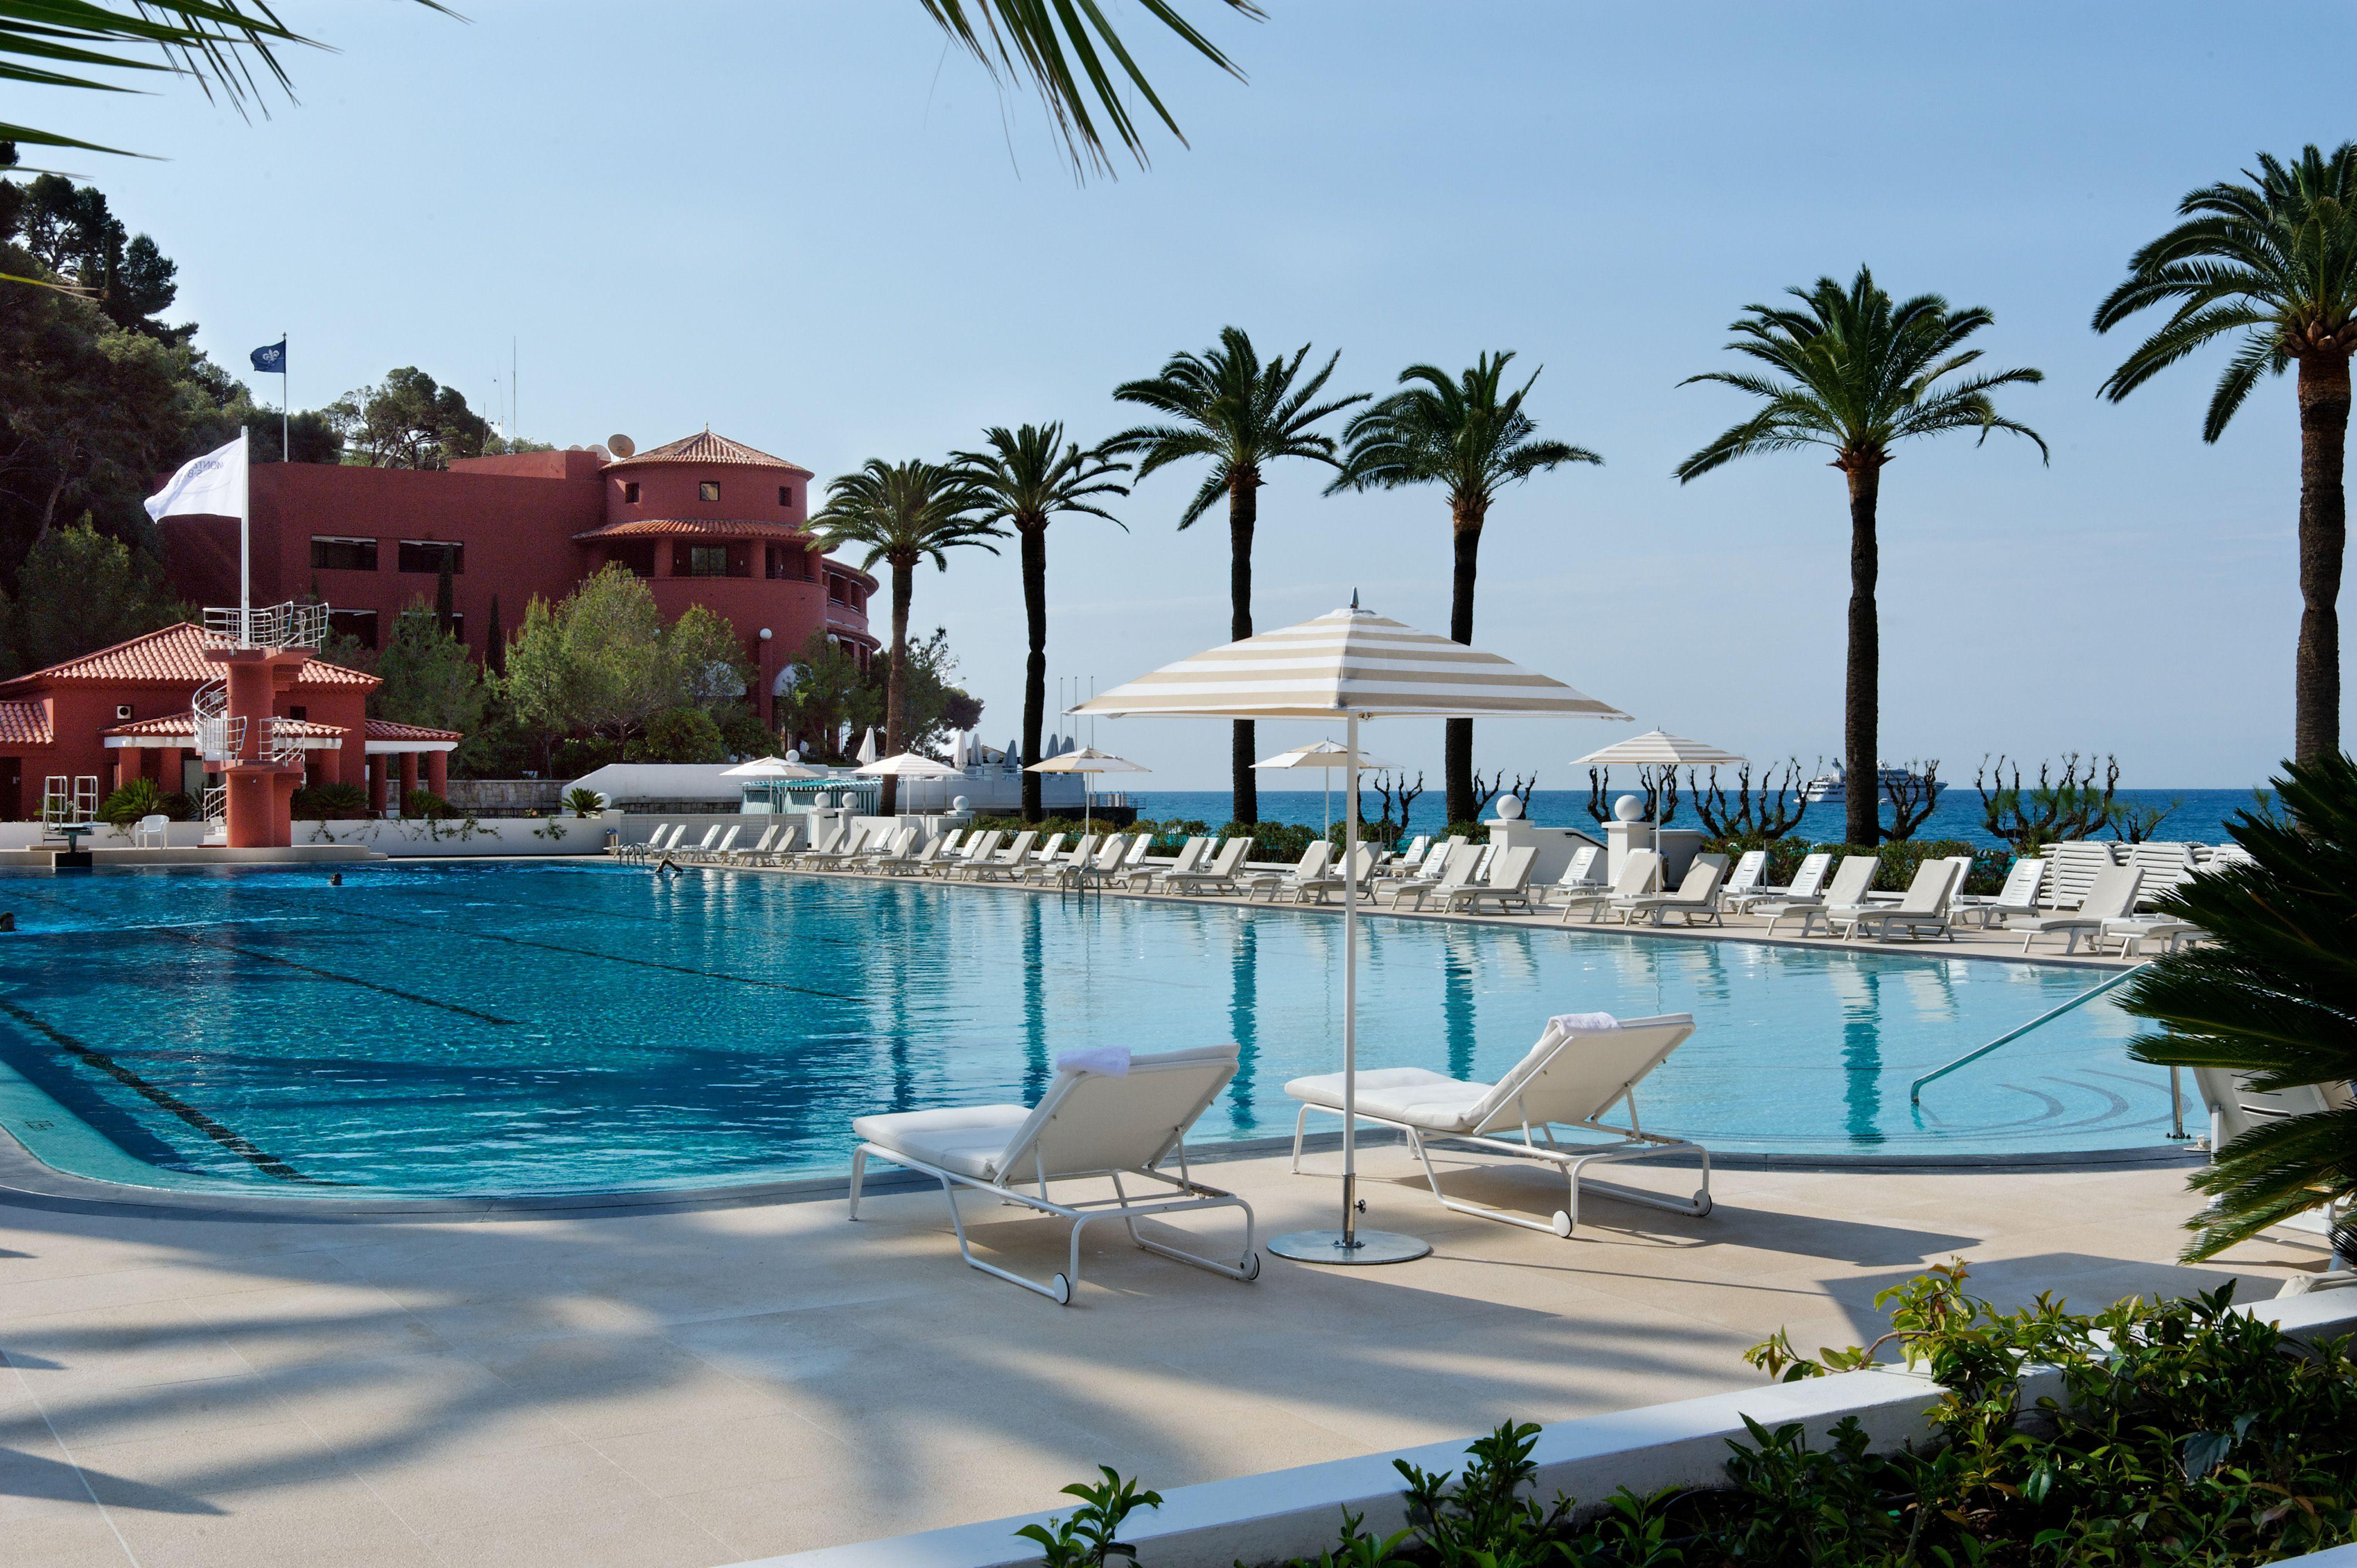 Monte Carlo Beach Club Beach Hotels Monte Carlo Pool